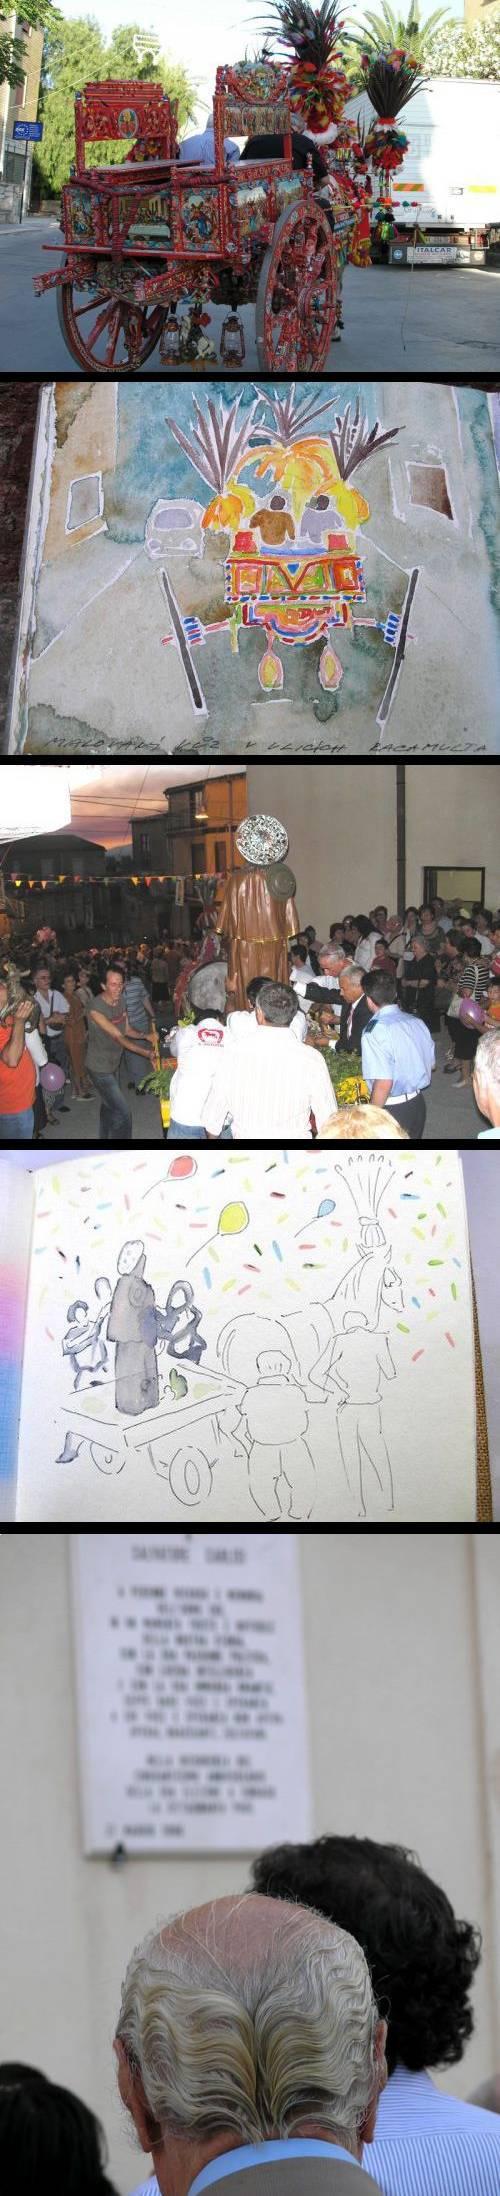 Dvoukolák (nahoře) a slavnost San Rocco (uprostřed) s obrazy T. Císařovského; Na slavnost je třeba se učesat (dole)